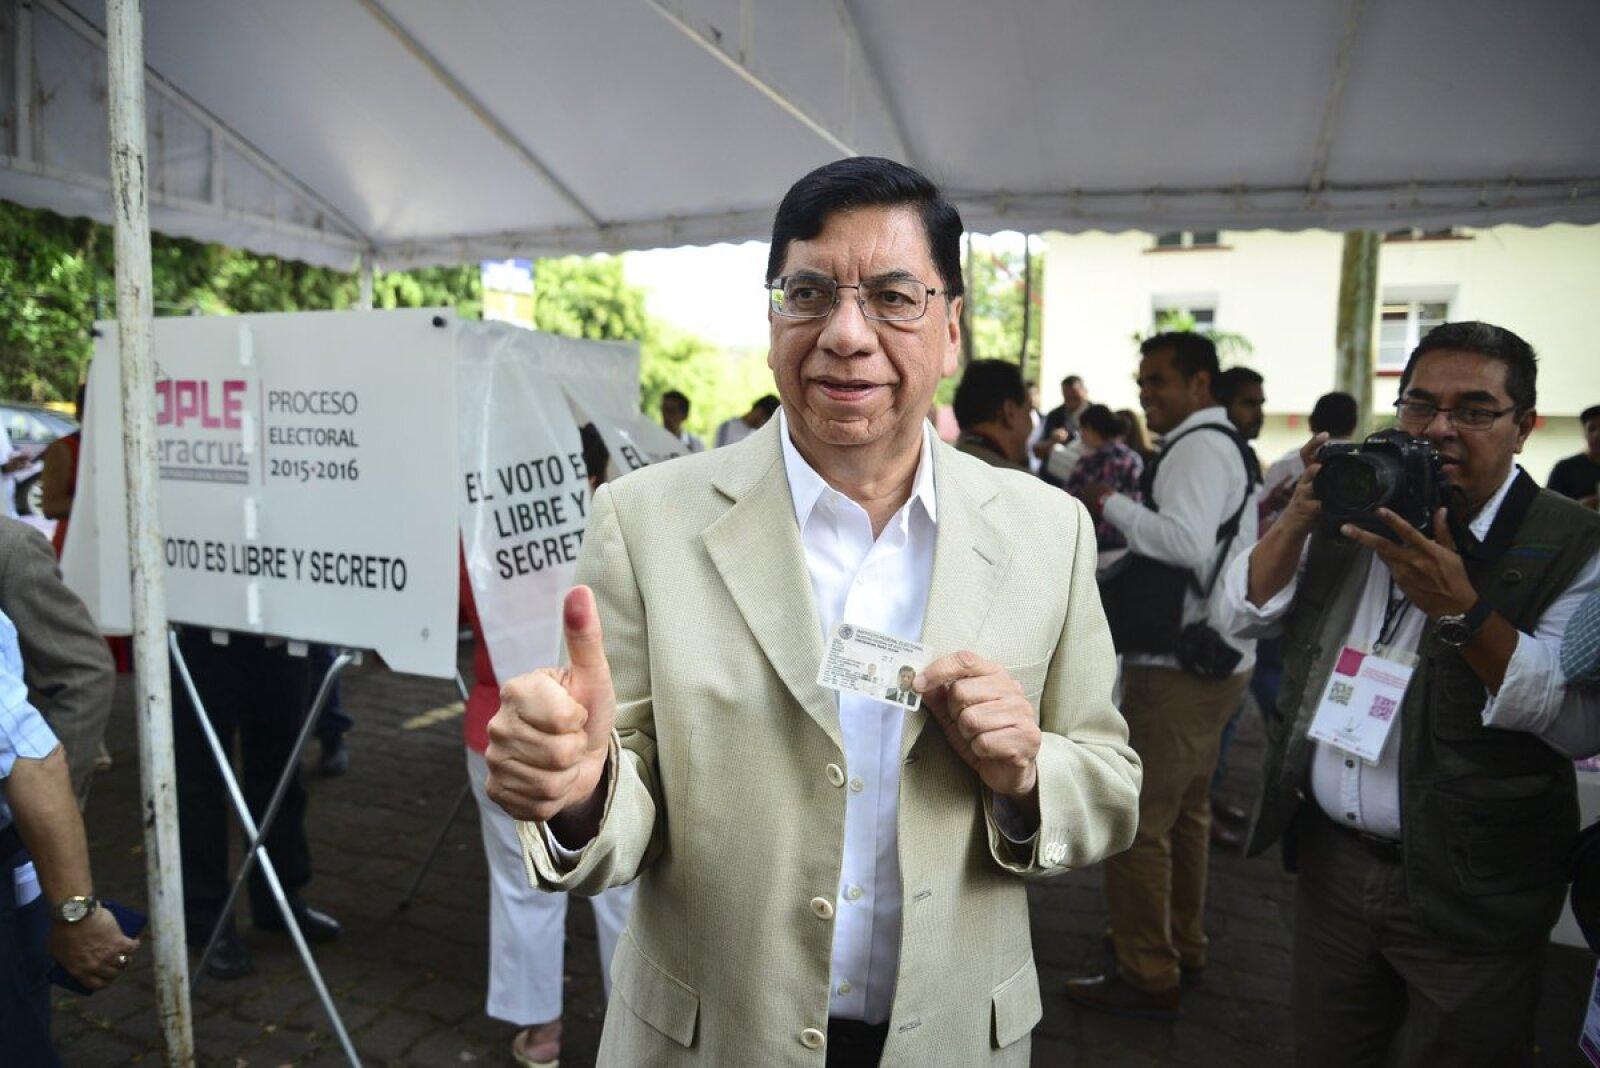 Armando Mendez de la Luz,  candidato de Movimiento Ciudadano a gobernador de Veracruz, asistió a la casilla y llamó a denunciar cualquier acto de corrupción durante la jornada electoral.